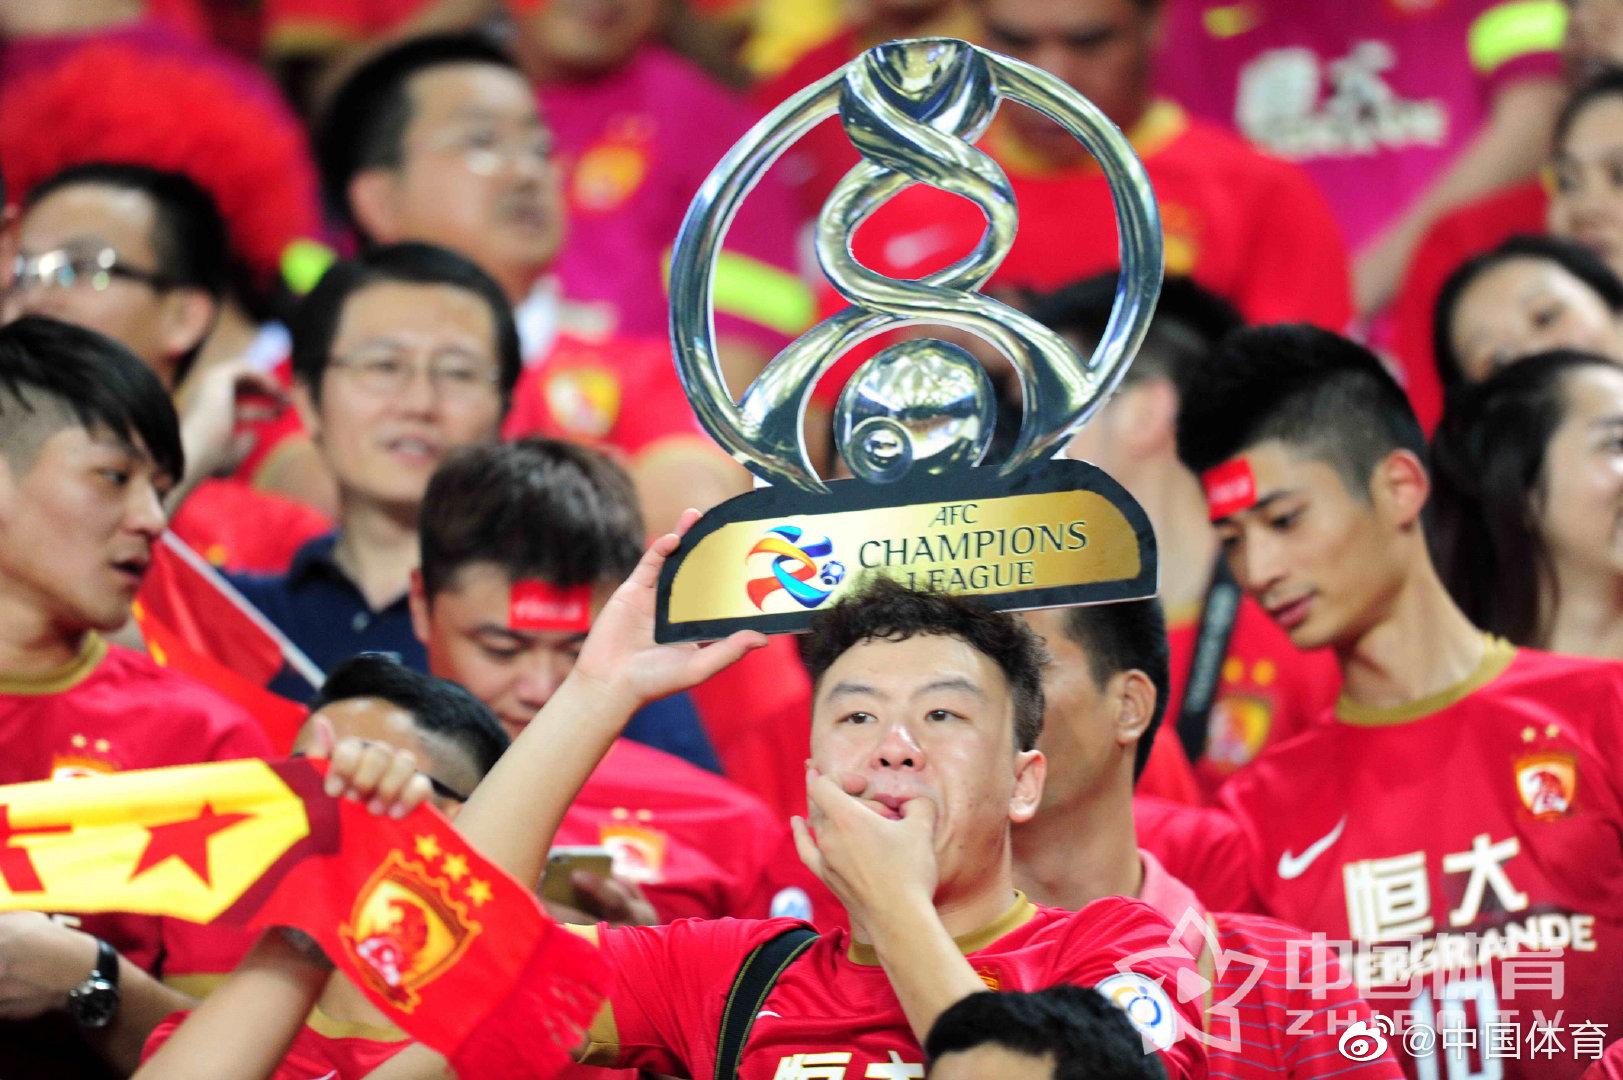 6年前的今天,广州恒大在亚冠决赛次回合比赛中1:1战平首尔FC